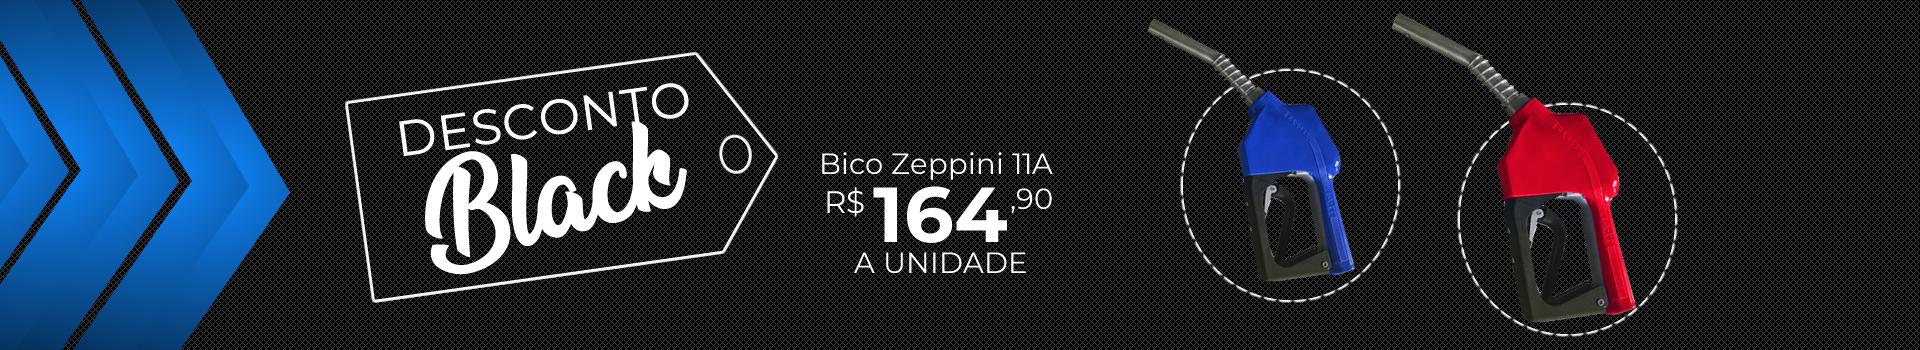 Bico Zeppini Black November